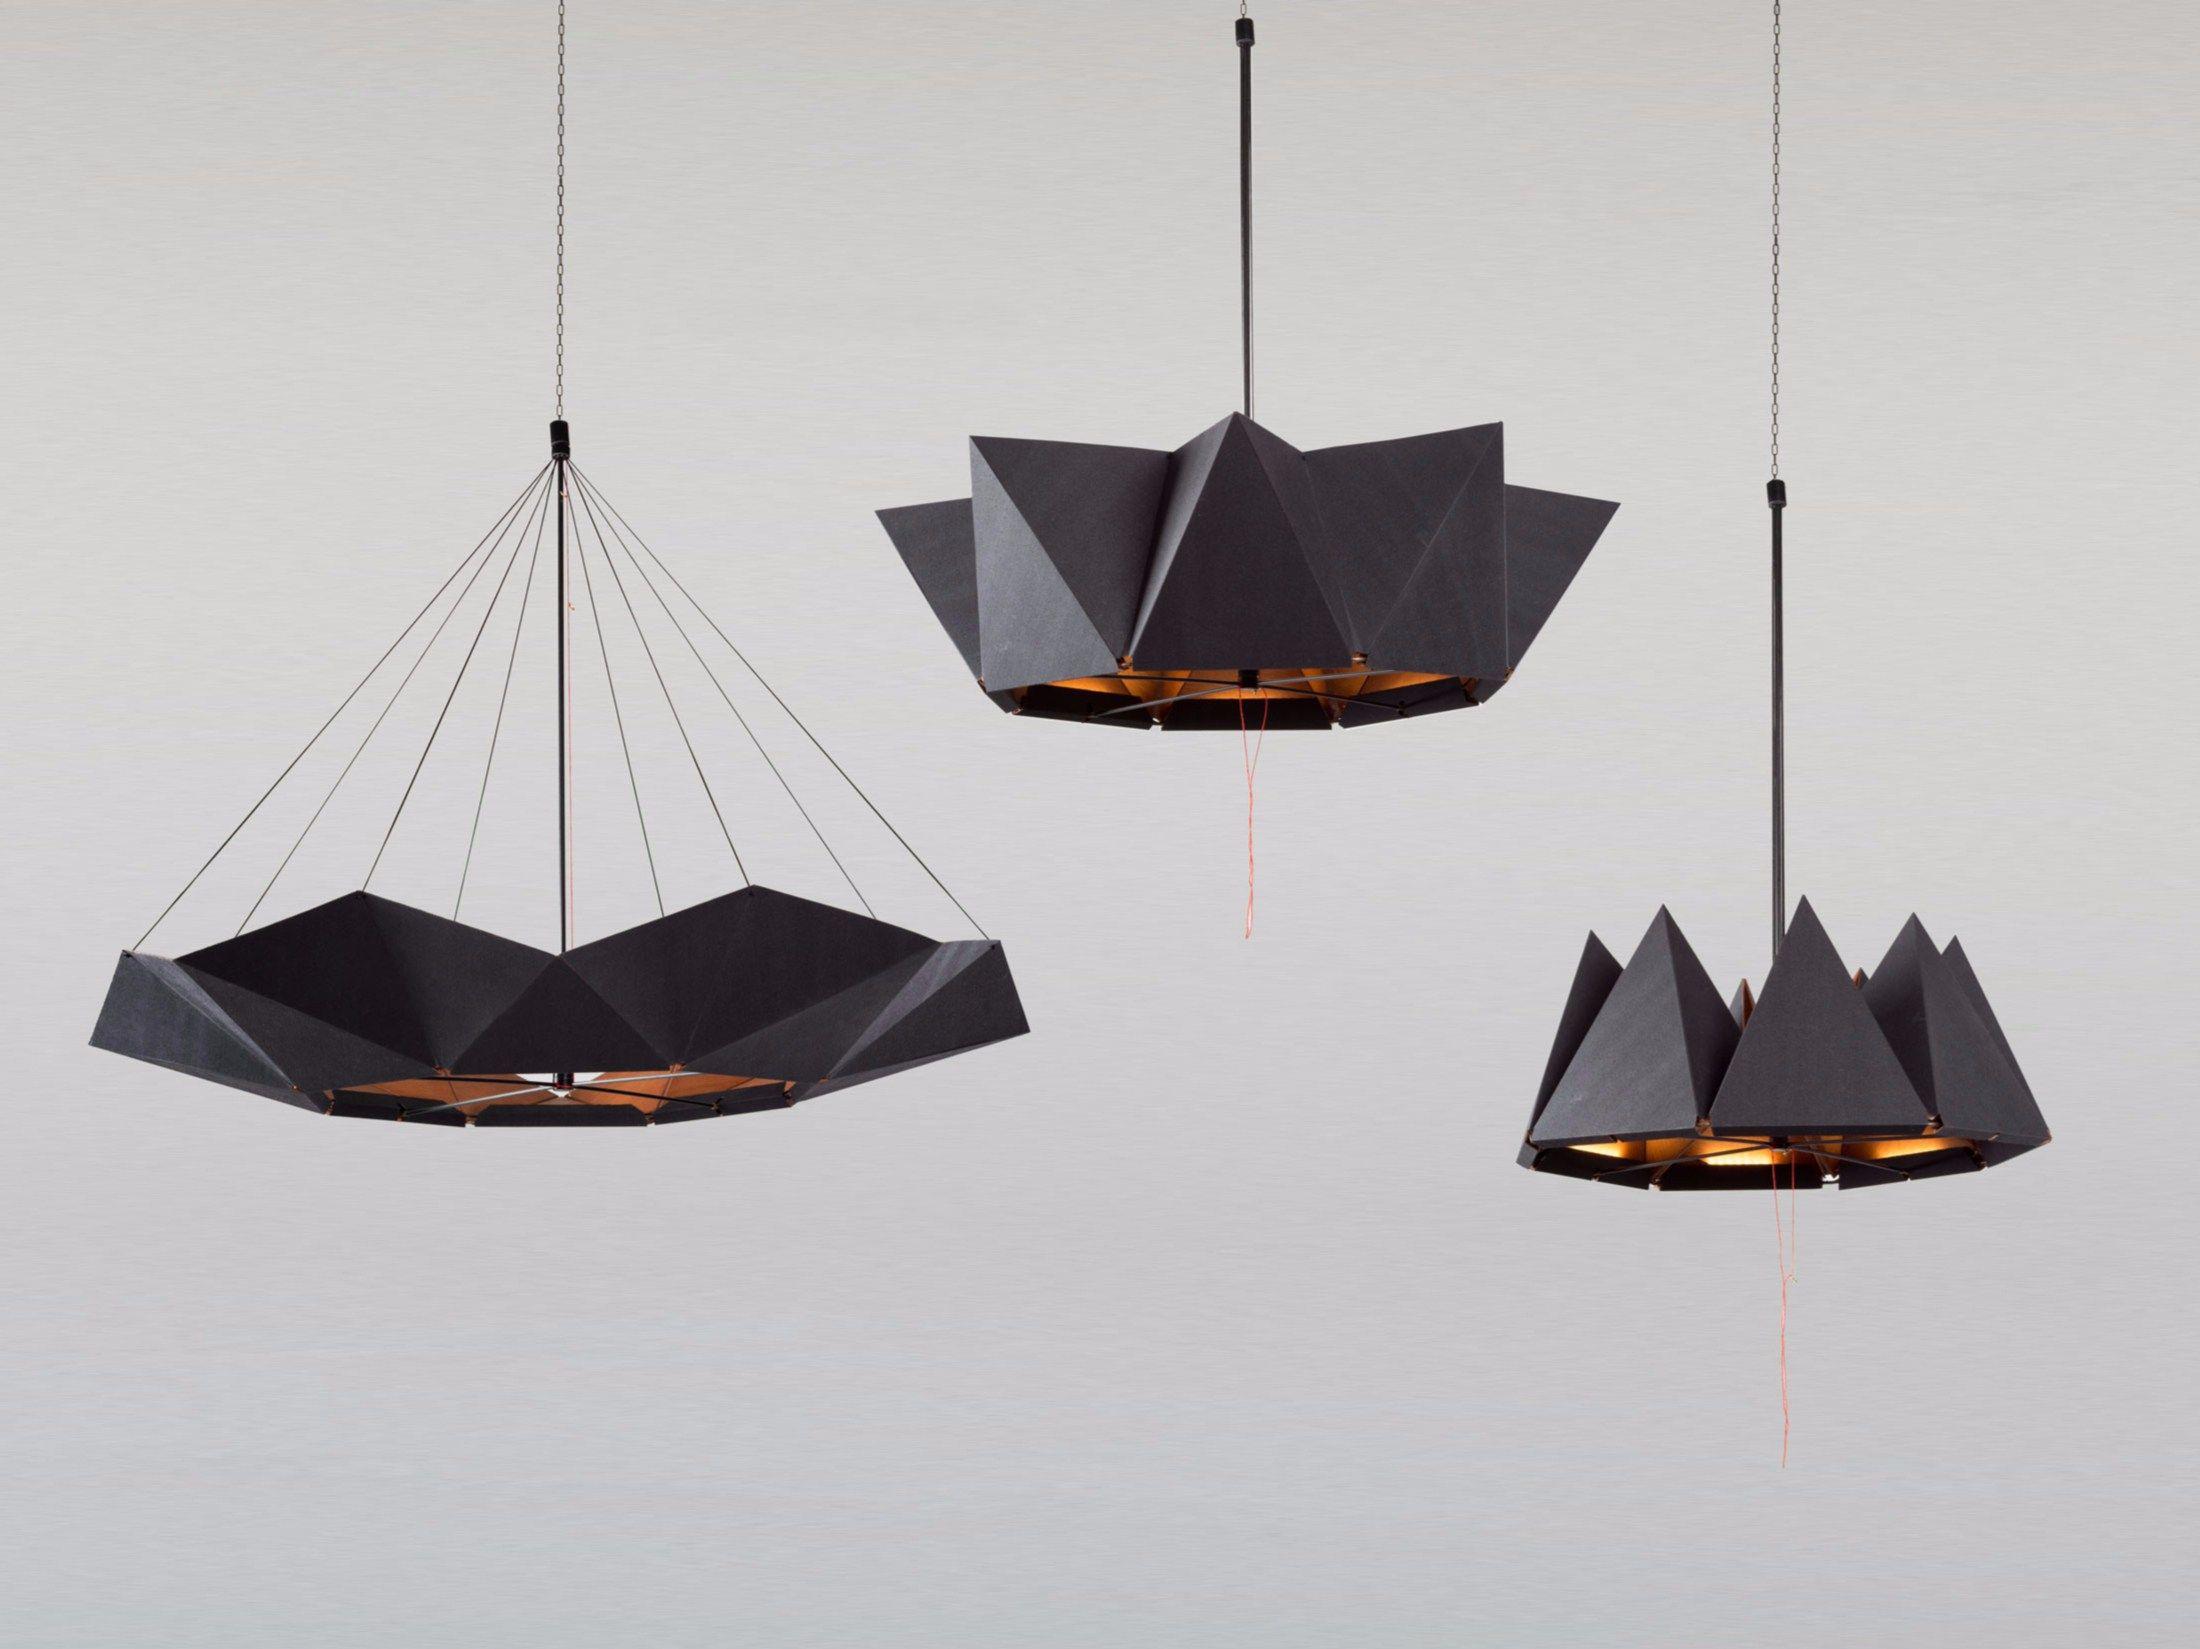 Küchenbeleuchtung unterbau led  Die besten 25+ Design lampen Ideen auf Pinterest | Diy lampe ...